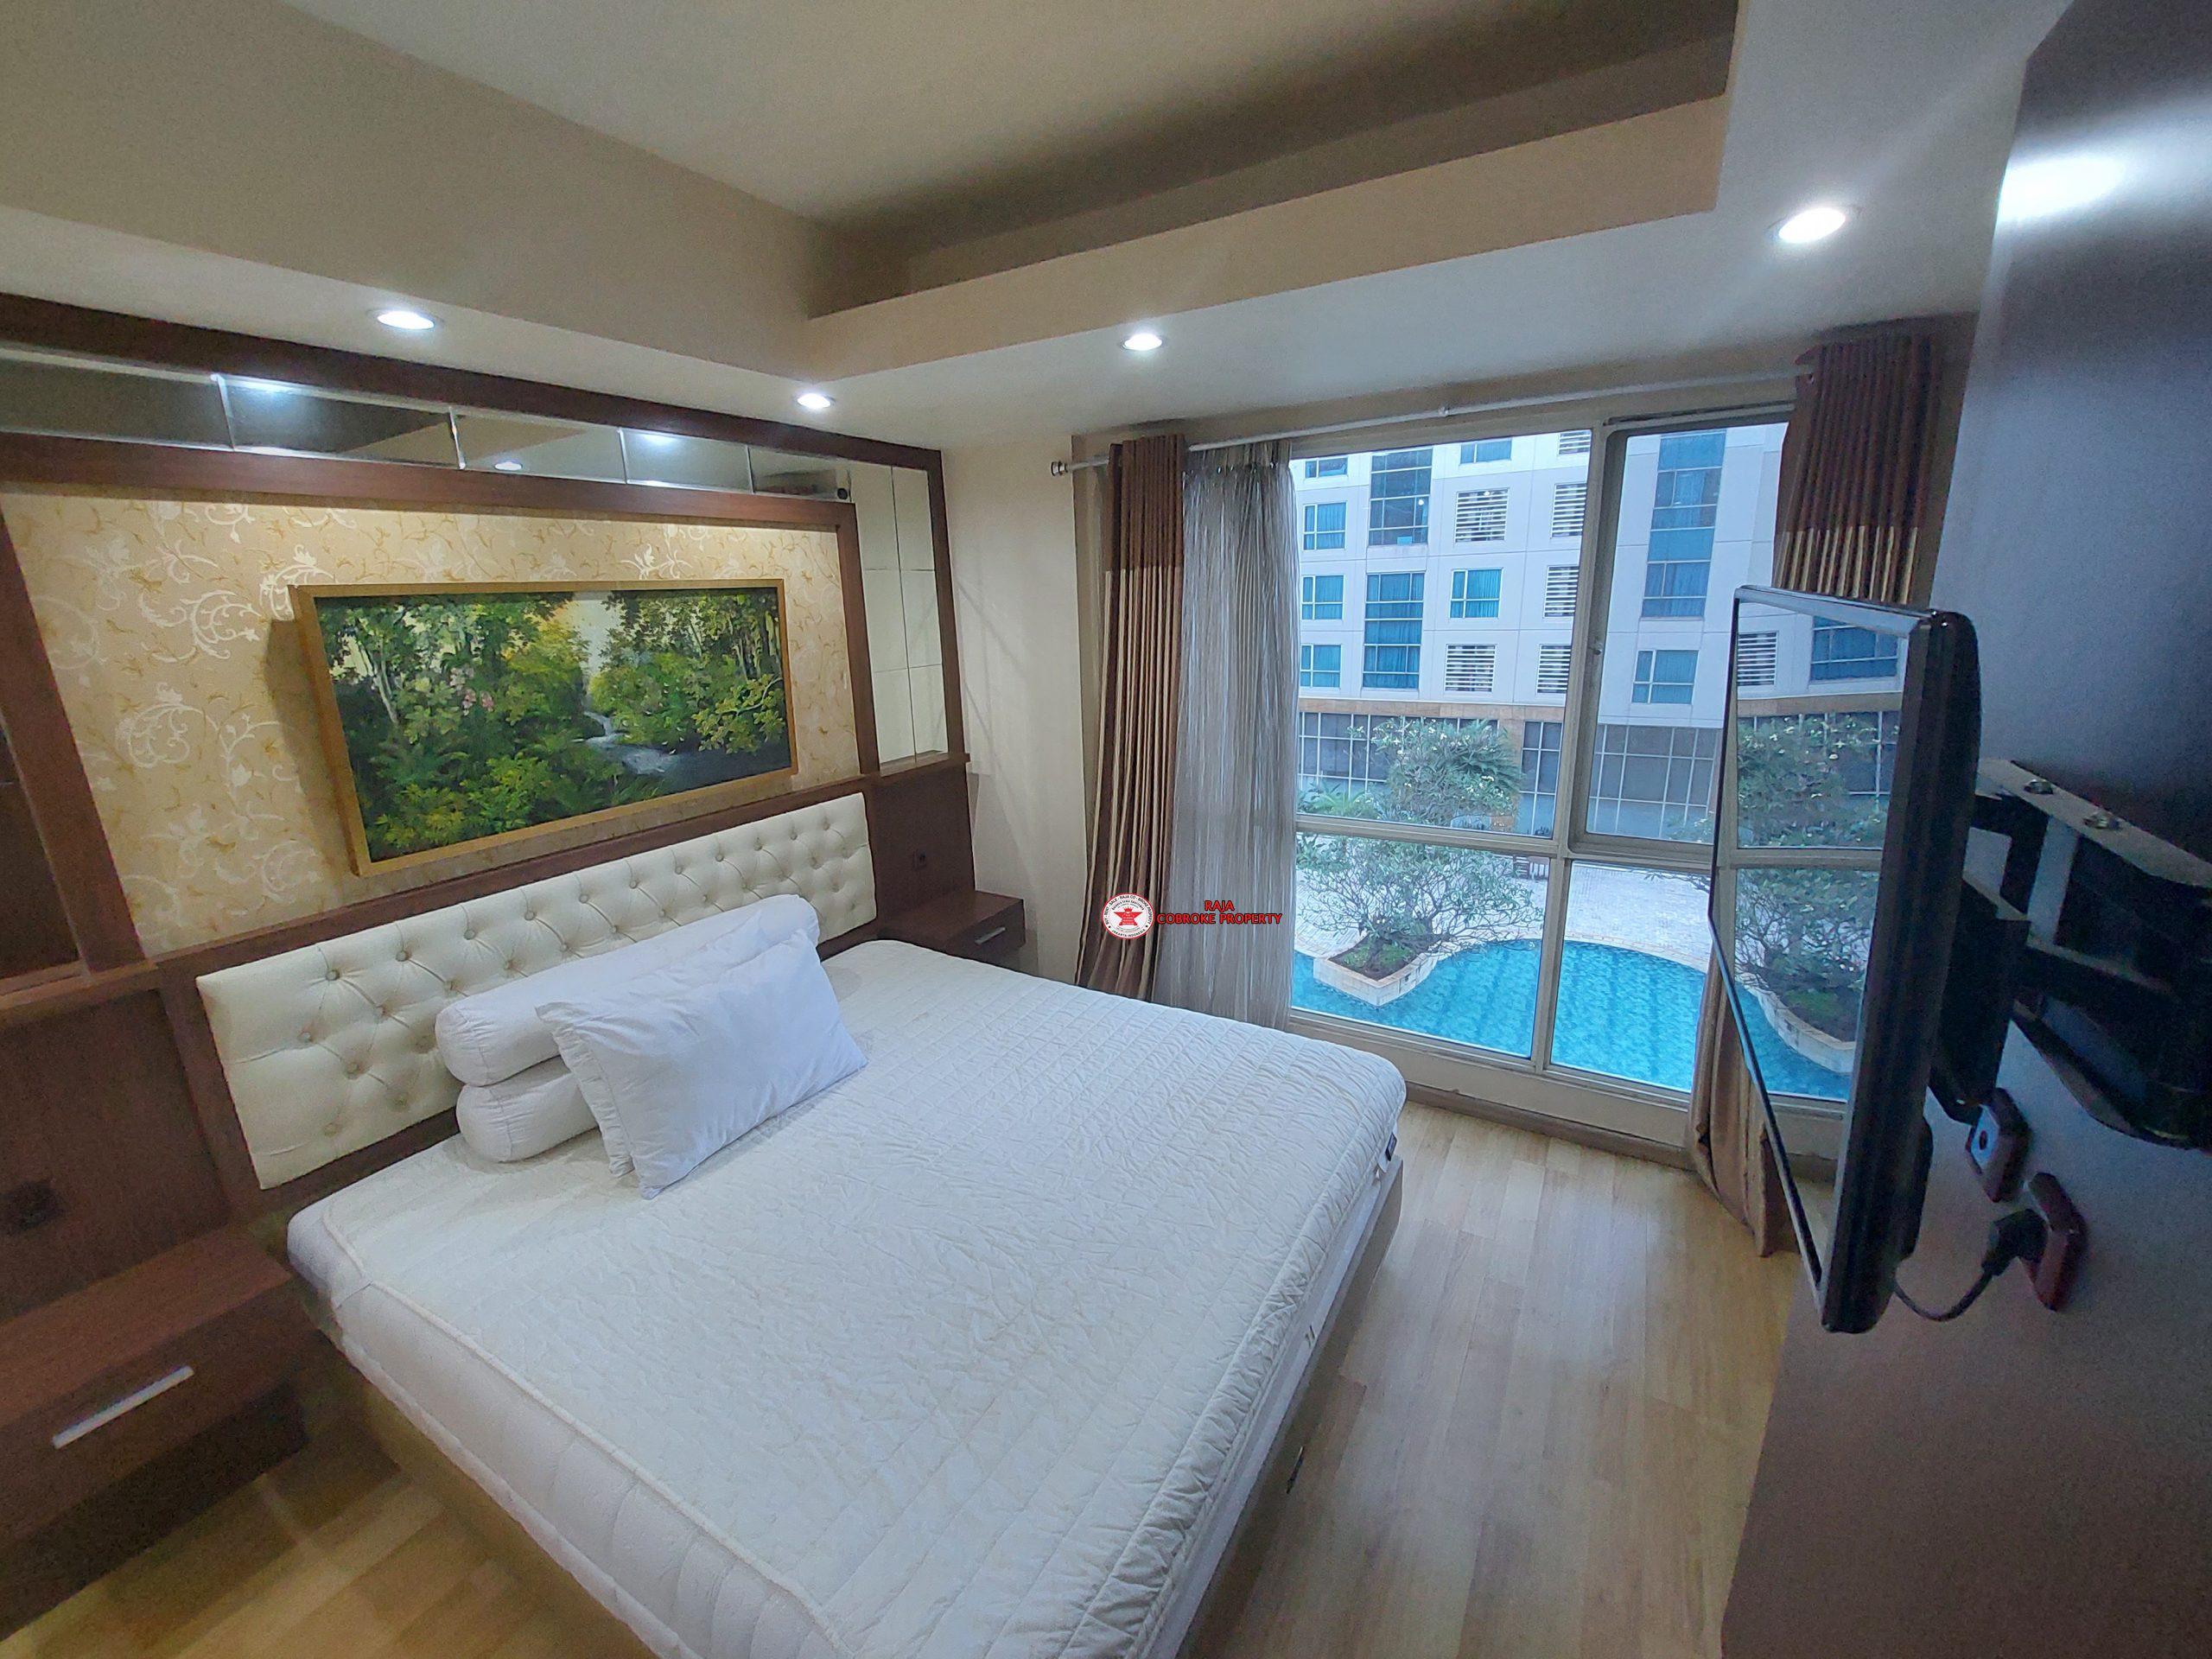 Apartemen CasaGrande Residence low floor 3 BR Pool view  apartemen mega kuningan,apartemen casablanca casagrande residence,apartemen kuningan city denpasar residence 20210621 163747 1 scaled